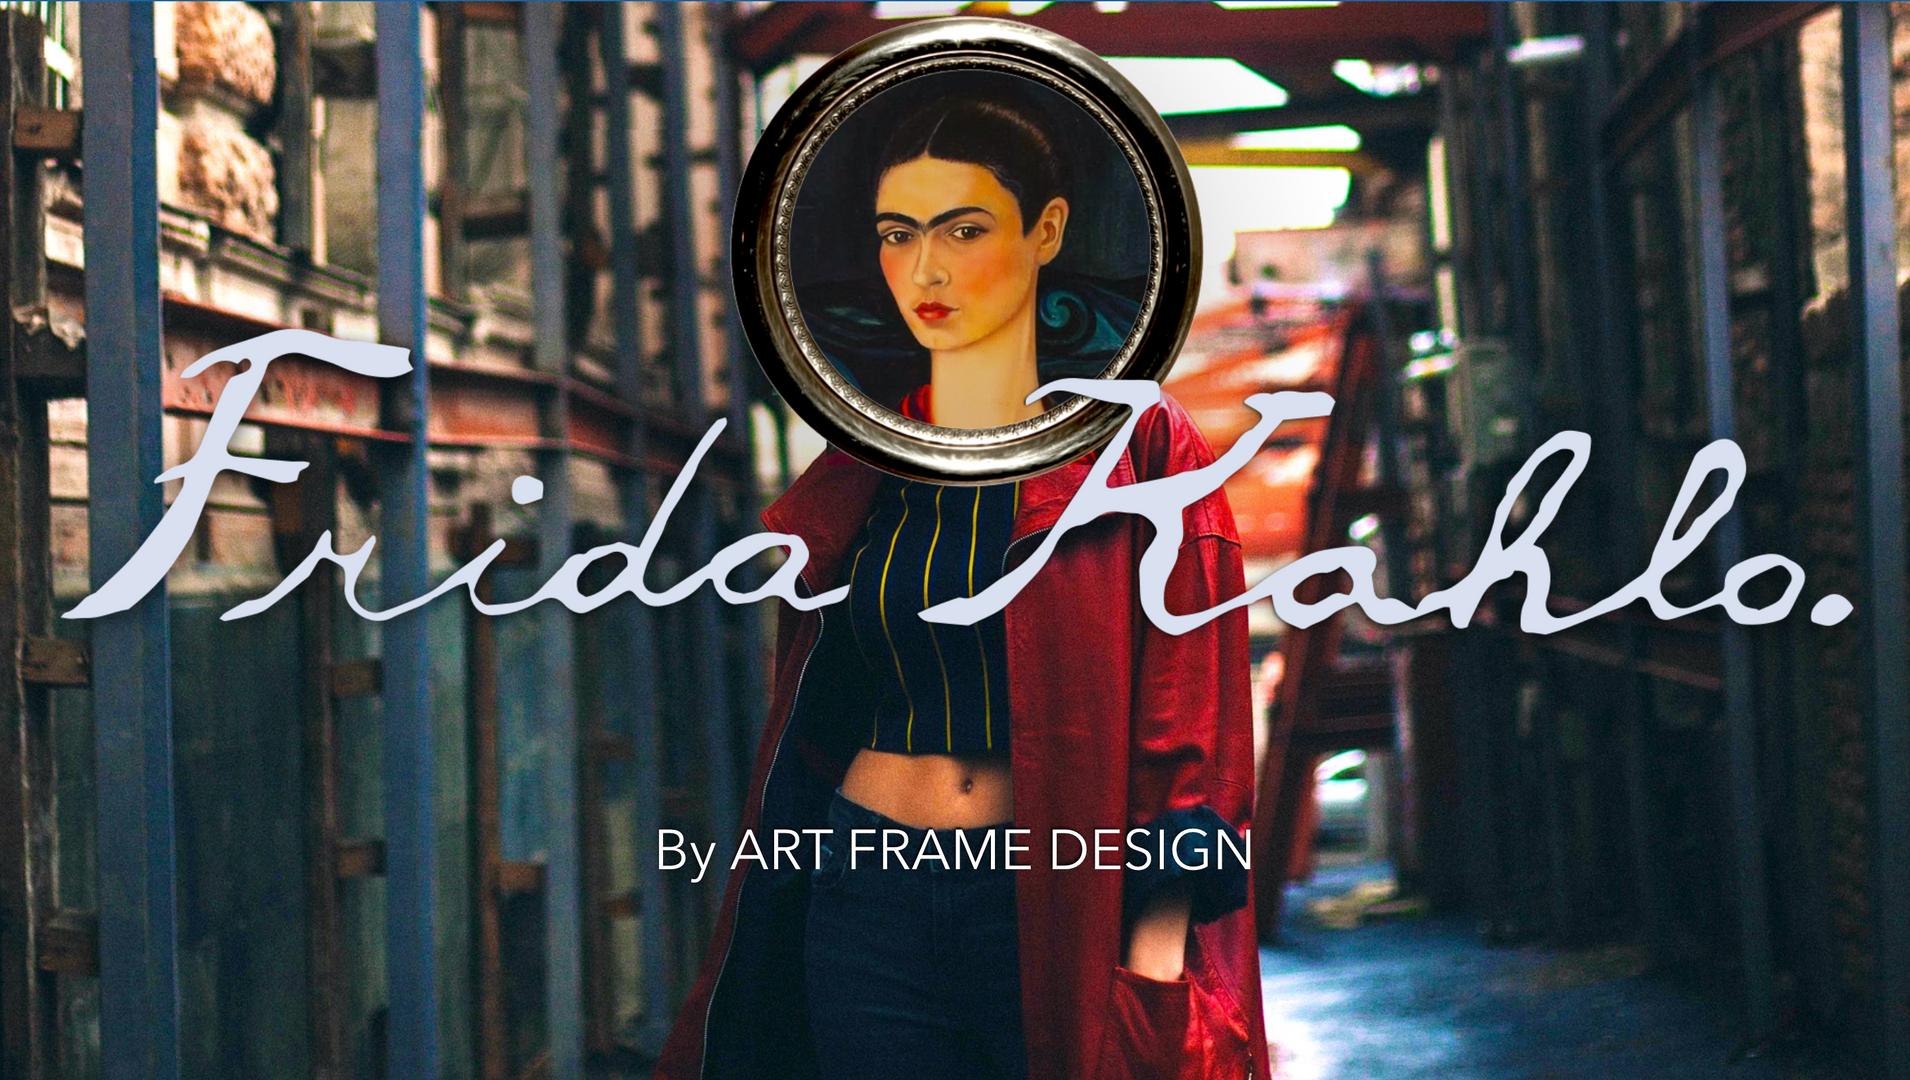 Frida-Kahlo-Art-Frame-Design-Mikeshake